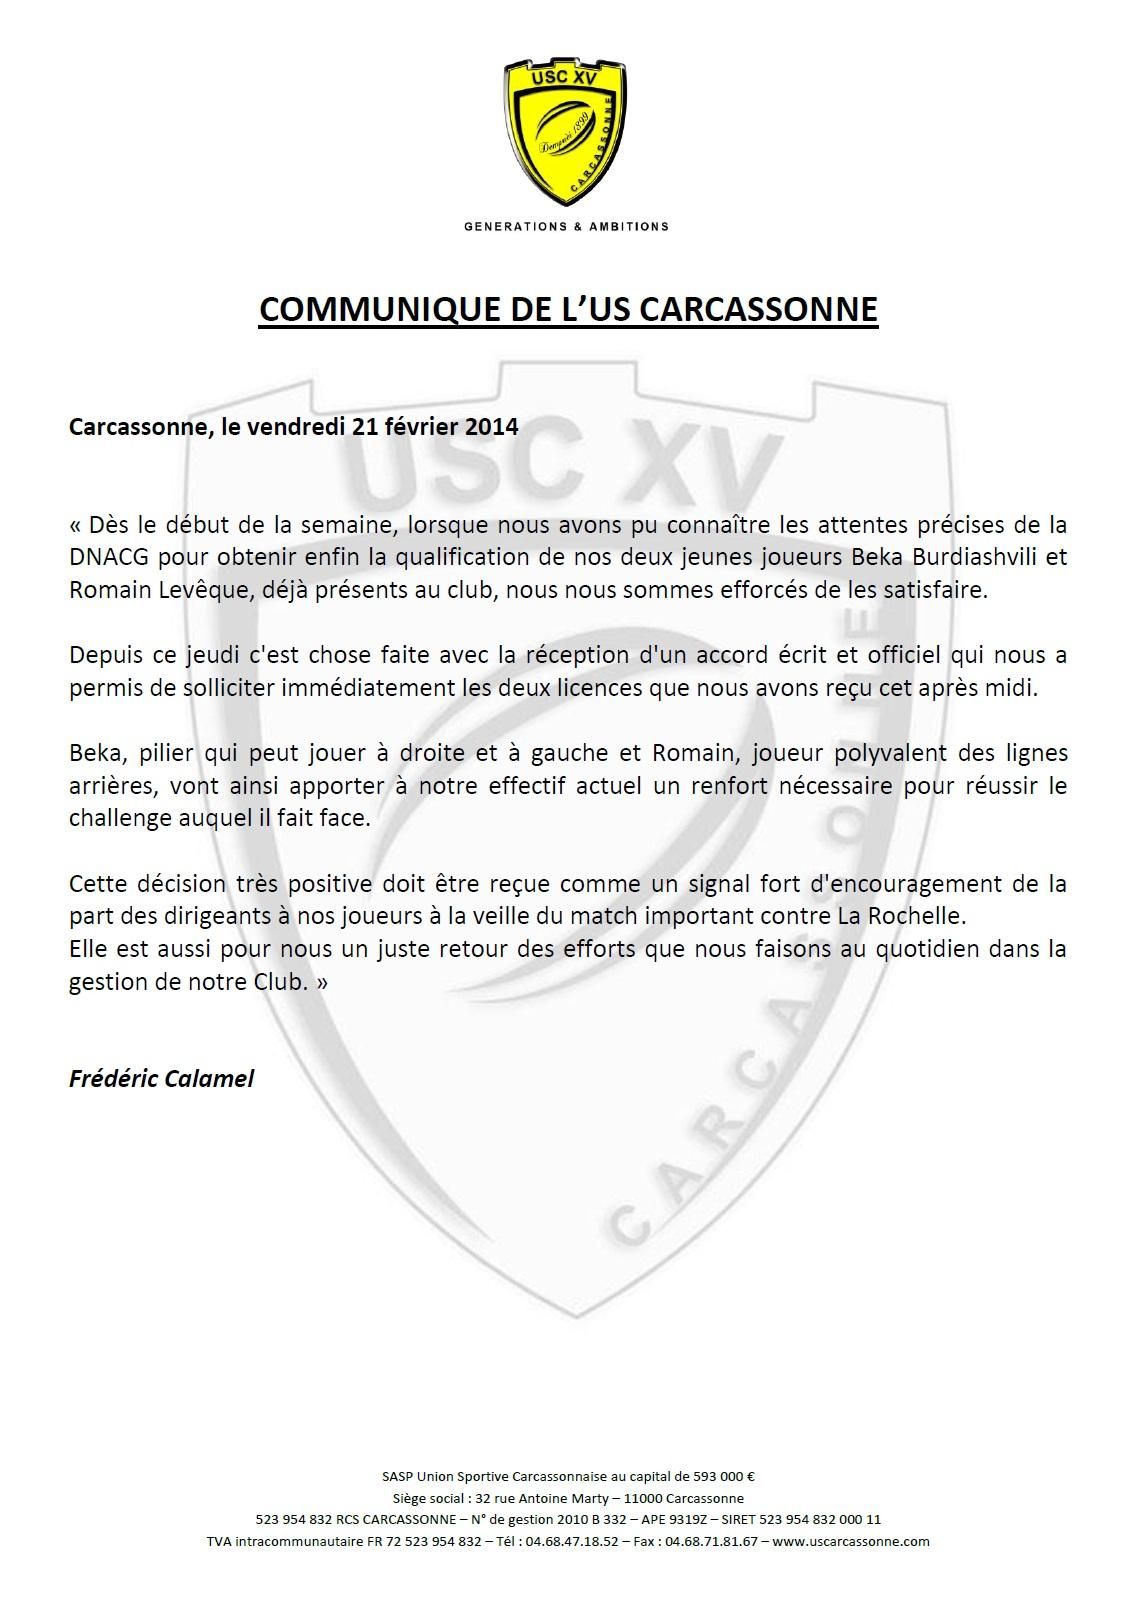 Communique USC - Qualification Leveque et Burdiashvili